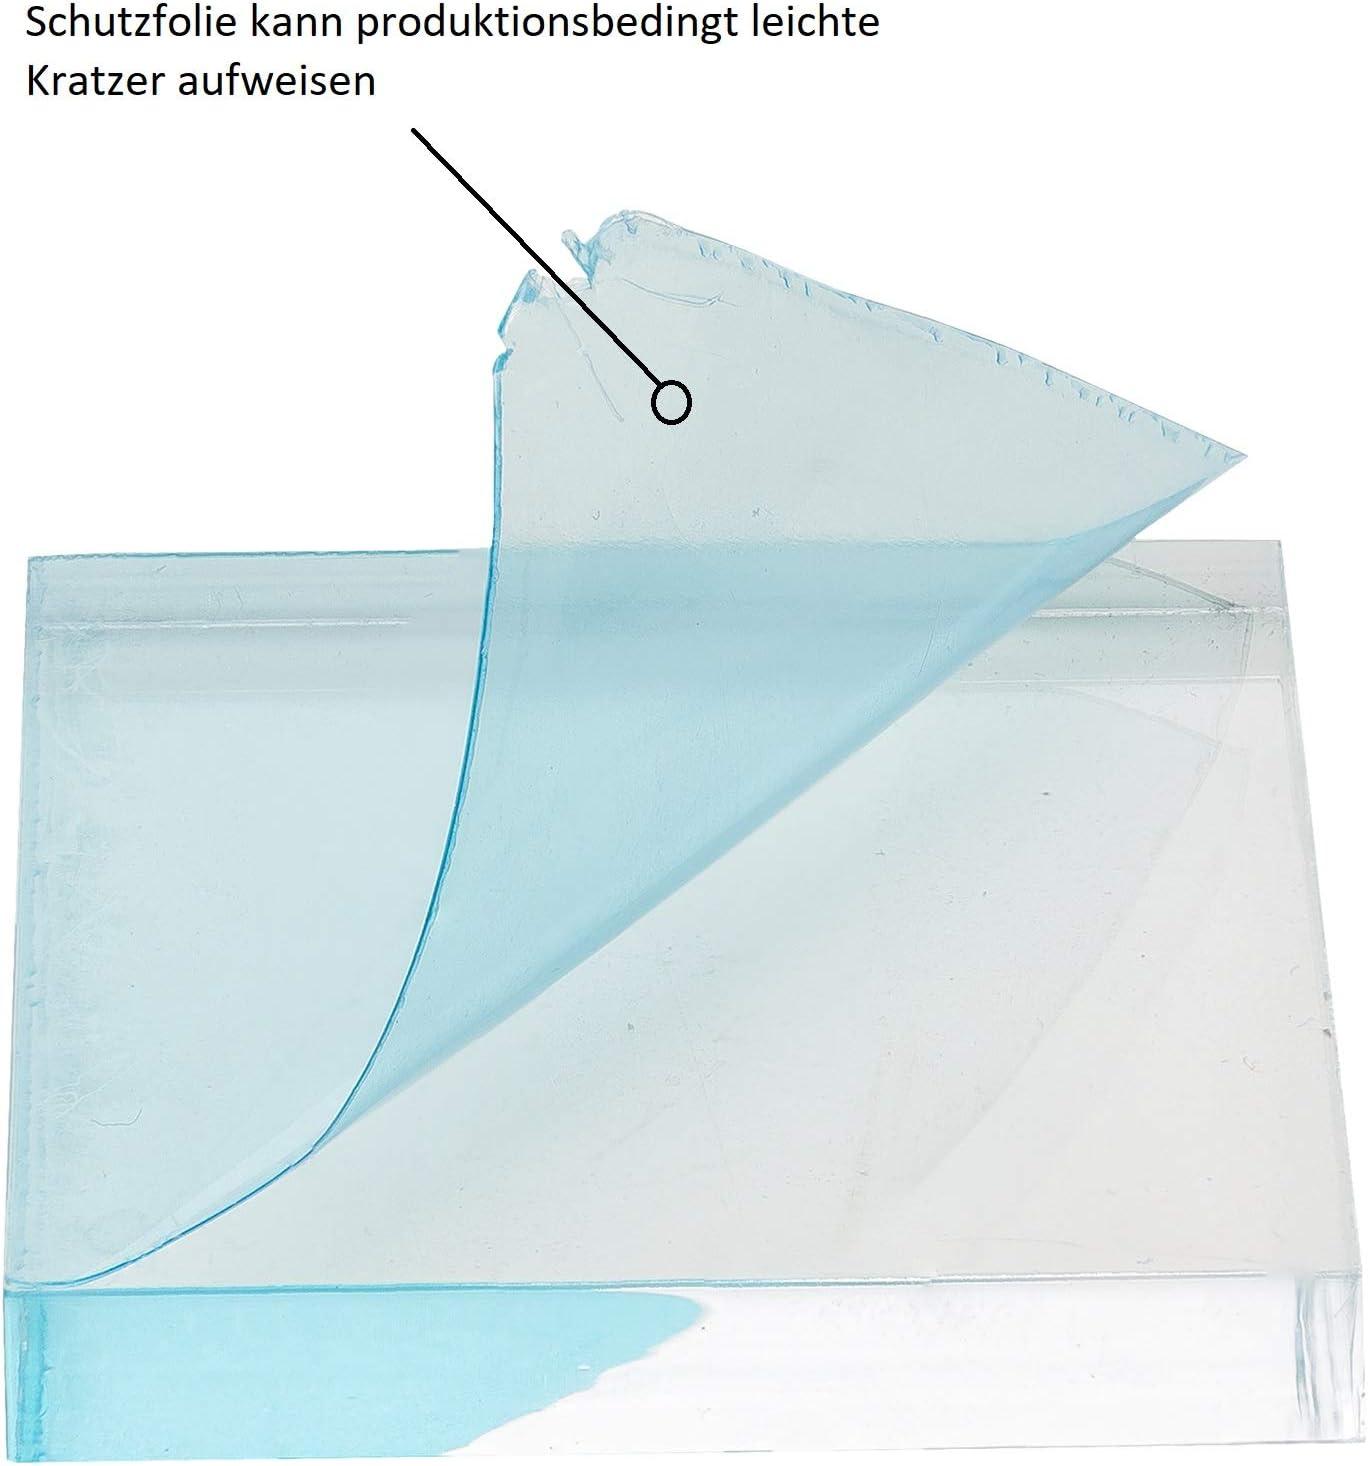 gepr/üfter UV-Schutz 6 mm stark 100x100 mm beidseitig foliert glasklar transparente Acrylglas- Plexiglas-Platte Acrylglas-Zuschnitt Quadratisch bruchfest /& vielseitig anwendbar